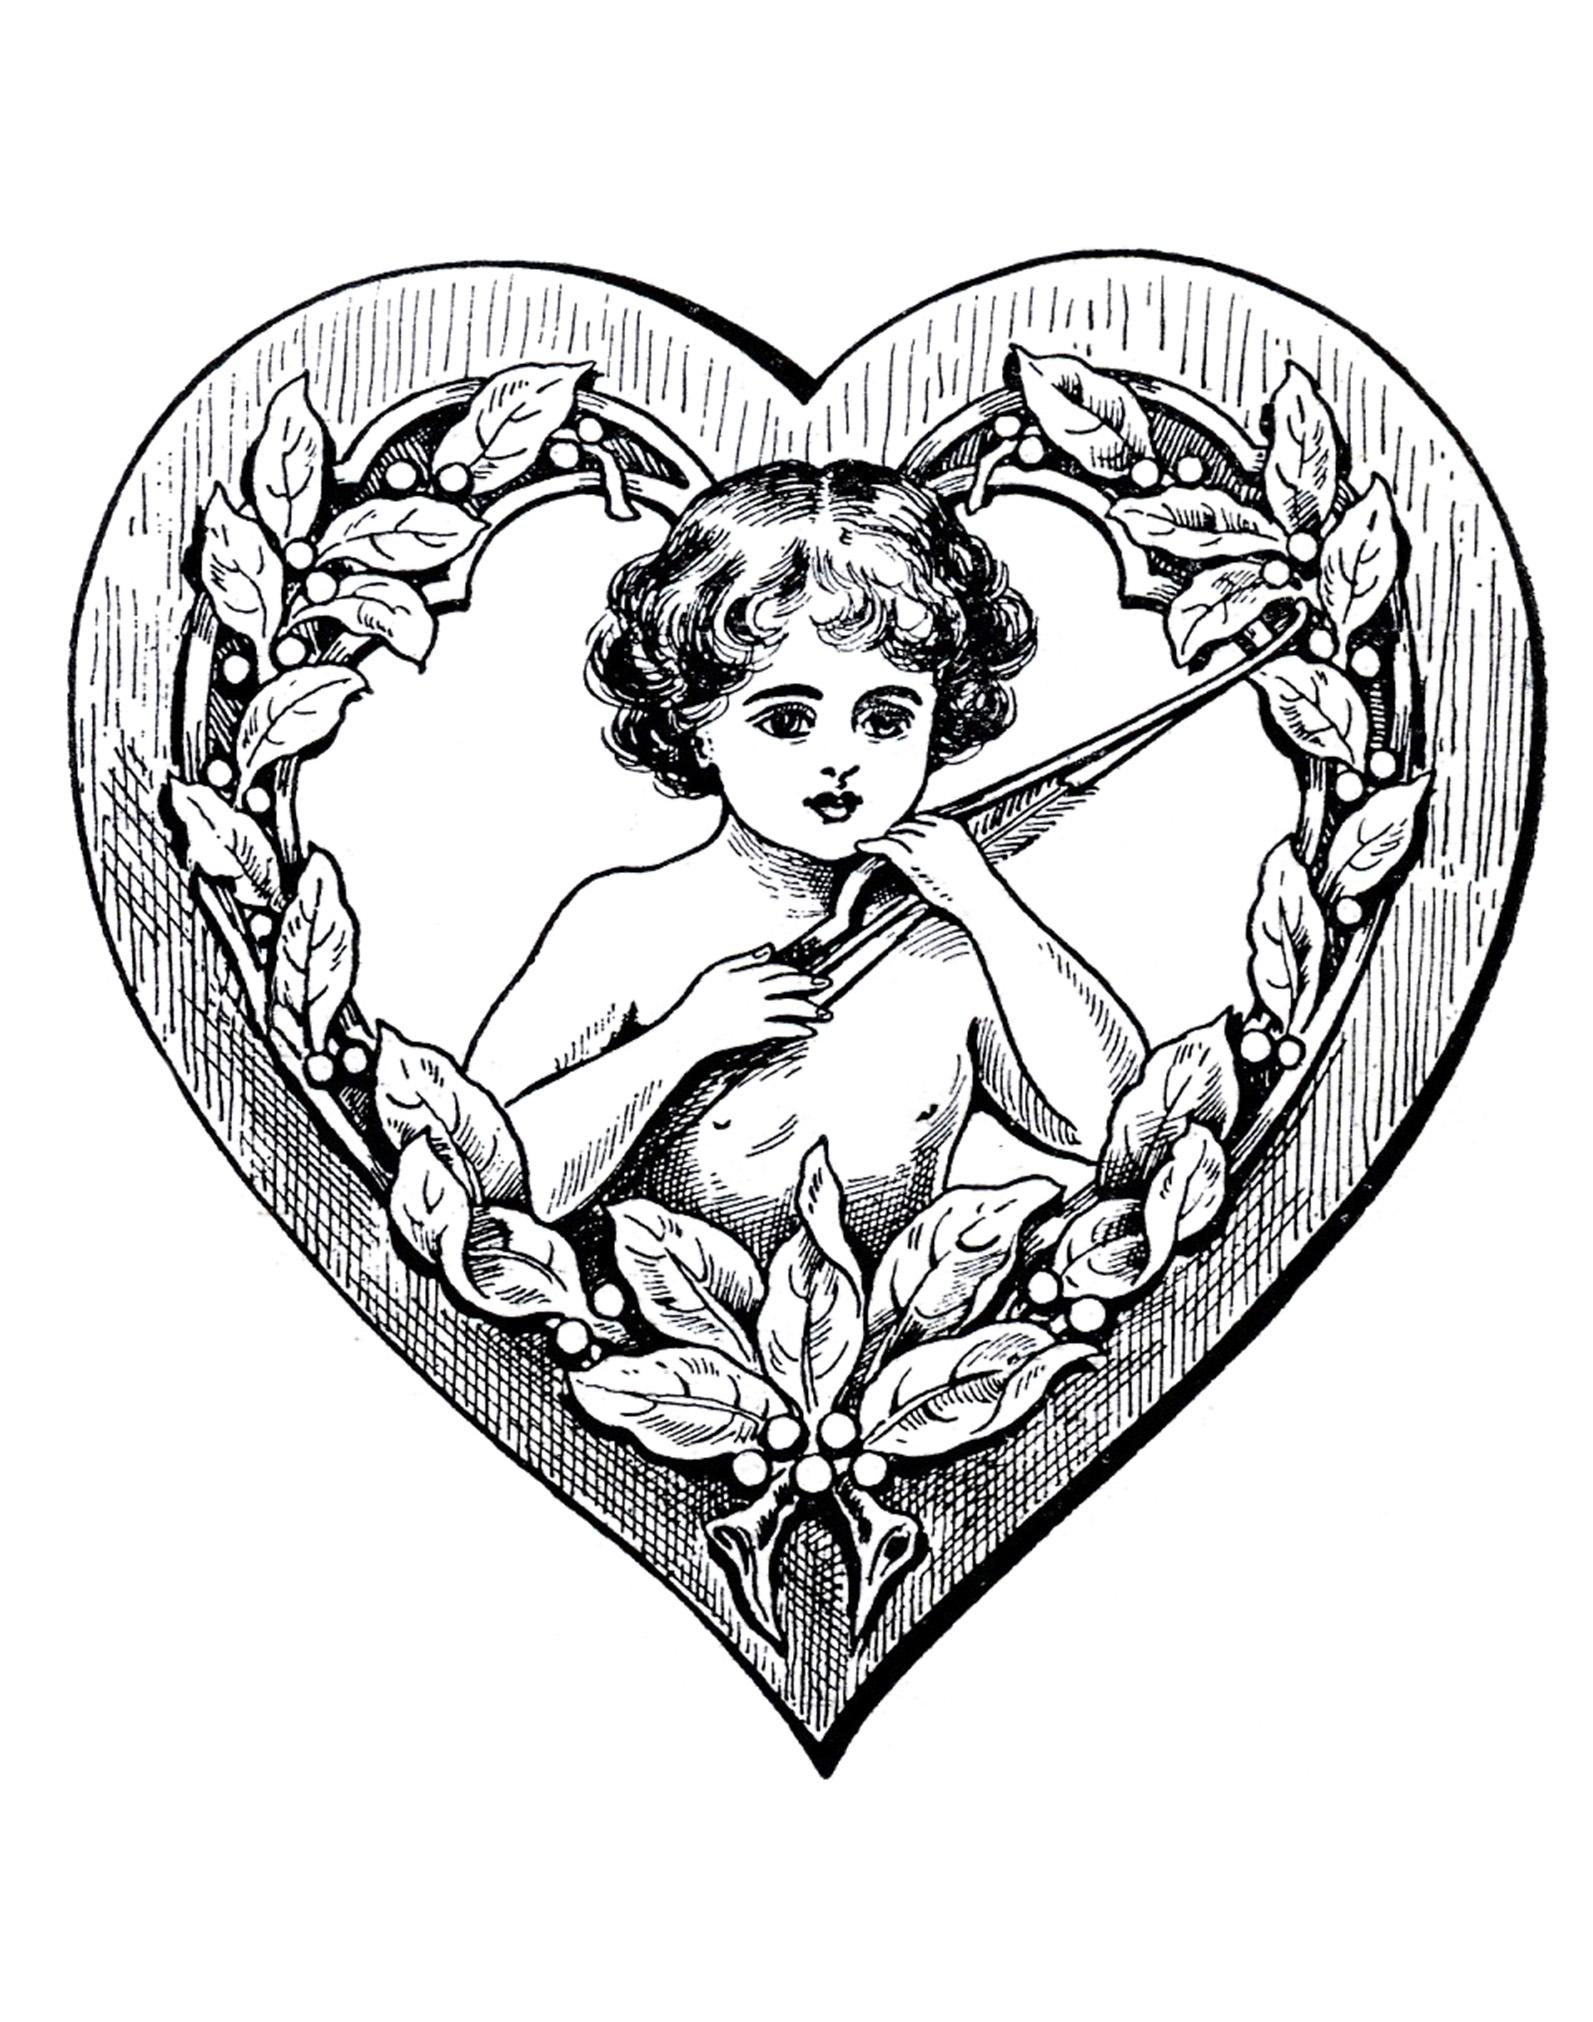 Cupidon dans un coeur, un dessin très Vintage pour célébrer l'Amour